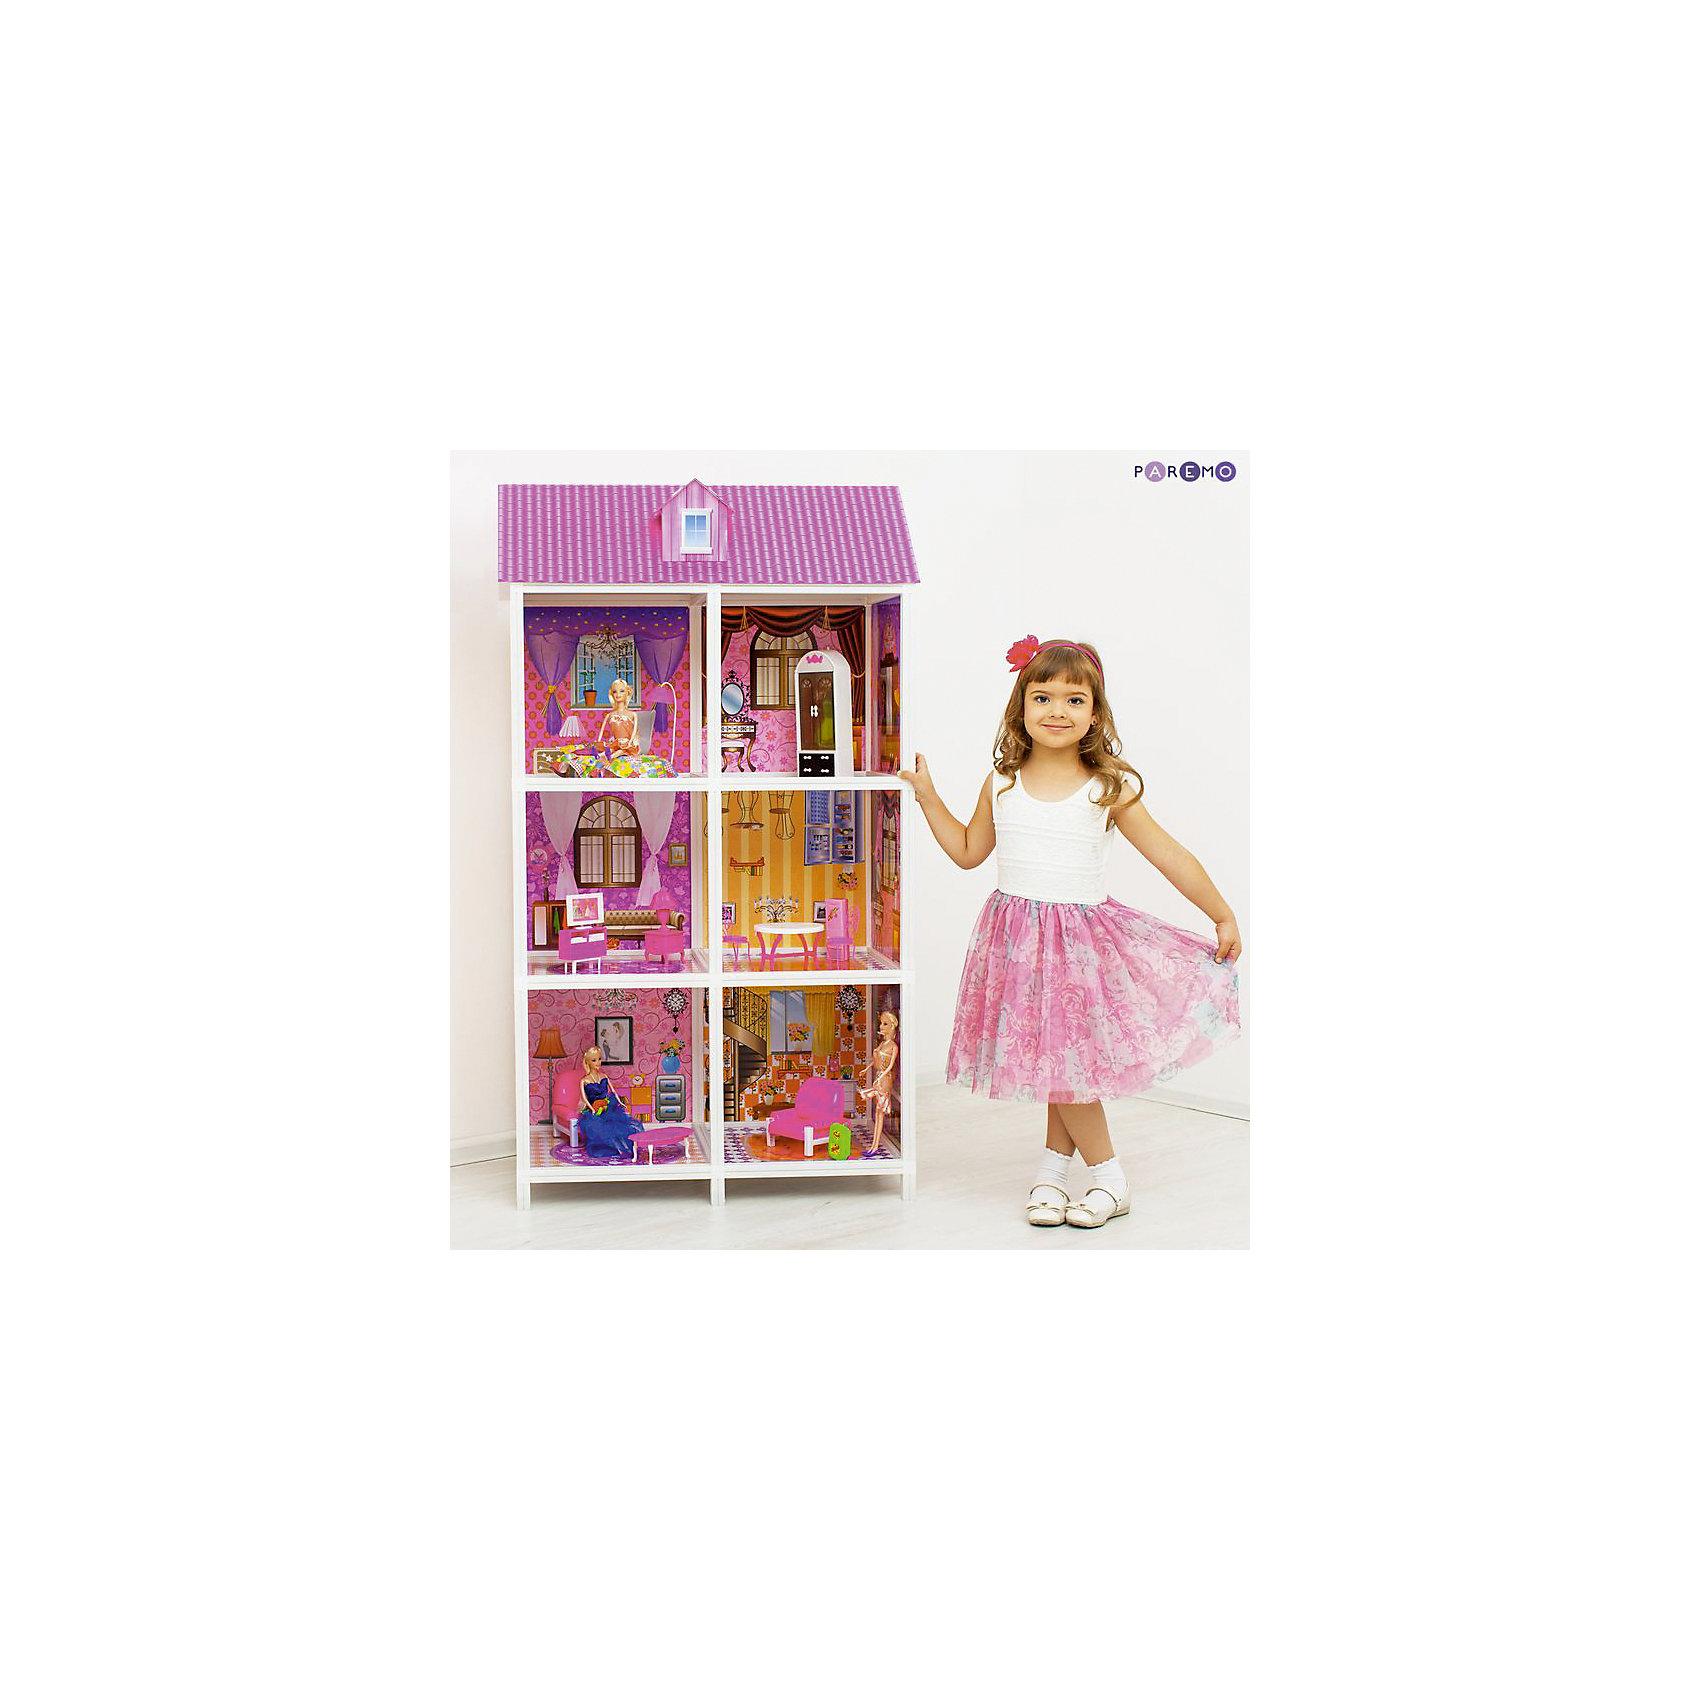 3-этажный кукольный дом (6 комнат, мебель, 3 куклы), PAREMOДомики и мебель<br>3-этажный кукольный дом (6 комнат, мебель, 3 куклы), PAREMO (Паремо).<br><br>Характеристики:<br><br>? Материал: пластик, картон.<br>? Дом частично открытый (задняя стенка глухая, лицевая часть полностью открыта).<br>? 3 этажа,6 просторных комнат.<br>? Цвет: розовый, белый.<br>? Подходит для кукол высотой до 30 см. <br>? Конструкция продается в разобранном виде. Инструкция по сборке входит в комплект.<br>? Размер игрушки в собранном виде - 84х42х136 см.<br>? Размер упаковки - 85х13х36 см.<br>? Вес: 12 кг.<br><br>В комплекте:<br><br>• Мебель: диван, кровать, тумба под телевизор, телевизор, обеденный стол, 4 стульчика, трюмо, столик для торшера, торшер, раковина, стиральная машина, вешалка, корзина для принадлежностей. <br>• 3 куклы с аксессуарами;<br><br>3-этажный кукольный дом (6 комнат, мебель, 3 куклы), PAREMO (Паремо) – это игрушка- мечта от российского производителя. Очаровательный дом предназначен для сюжетно-ролевых игр («Семья», «Дочки- матери» и т. п.). Домик выполнен в нежных бело-розовых тонах с ярко- розовой крышей, имитирующей черепичную кладку. Боковые стороны домика декорированы под кирпичную кладку. Внутренний декор поддерживает цветовое решение. Стены, пол, потолок декорированы под различные типы покрытий - плитка, обои, ковролин. В доме 3 этажа, 6 просторных комнат, 3 балкона с коваными перилами. Юная леди, проявив фантазию, самостоятельно может расположить комнаты по своему вкусу. Игры с таким домиком помогают развить в девочке фантазию, творческие способности, поможет ребенку почувствовать себя взрослой и самостоятельной. Материалы, из которых изготовлен домик, полностью соответствуют российским стандартам безопасности. Ваша малышка будет счастлива, получить в подарок славный нарядный домик для своих любимых кукол!<br><br>3-этажный кукольный дом (6 комнат, мебель, 3 куклы), PAREMO (Паремо), можно купить в нашем интернет – магазине.<br><br>Ширина мм: 850<br>Глубина мм: 360